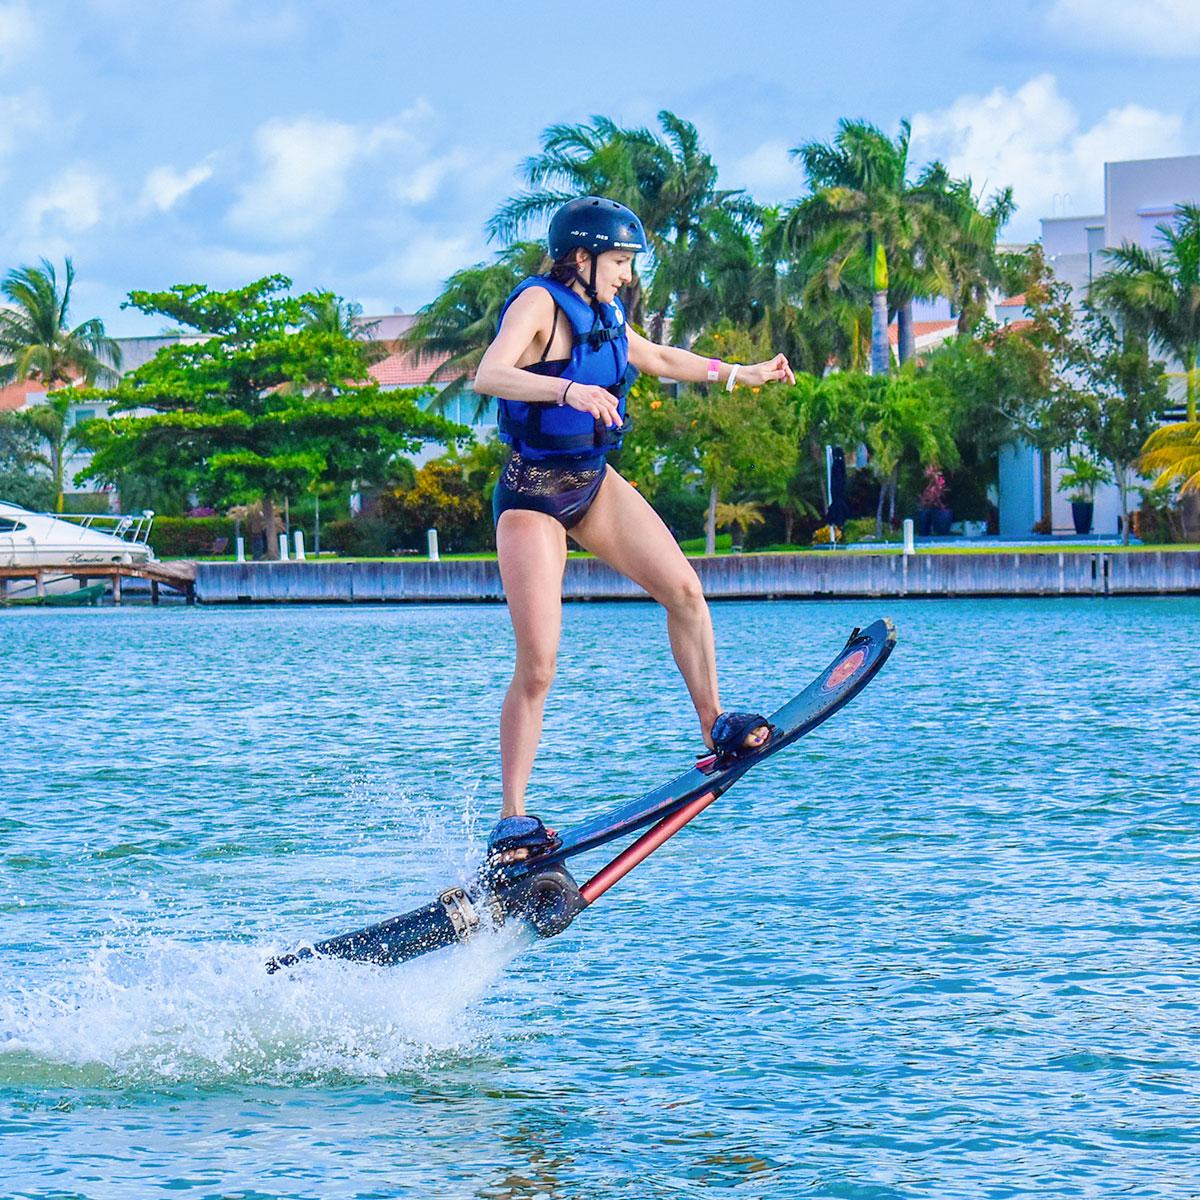 Hoverboard Adventure